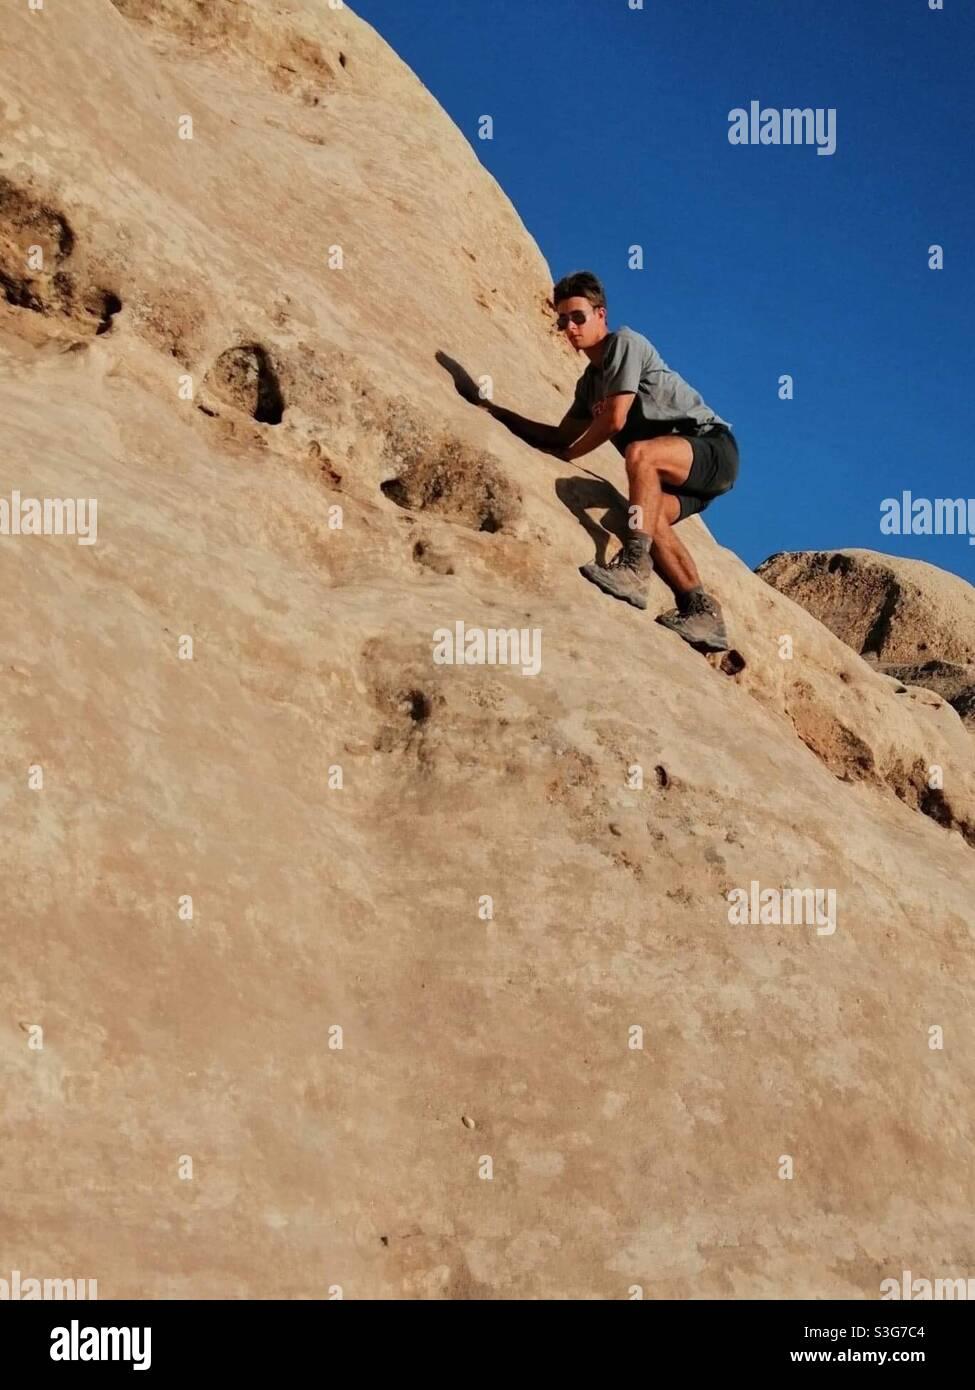 Un uomo che arrampica rocce a Petra, Giordania. Foto Stock